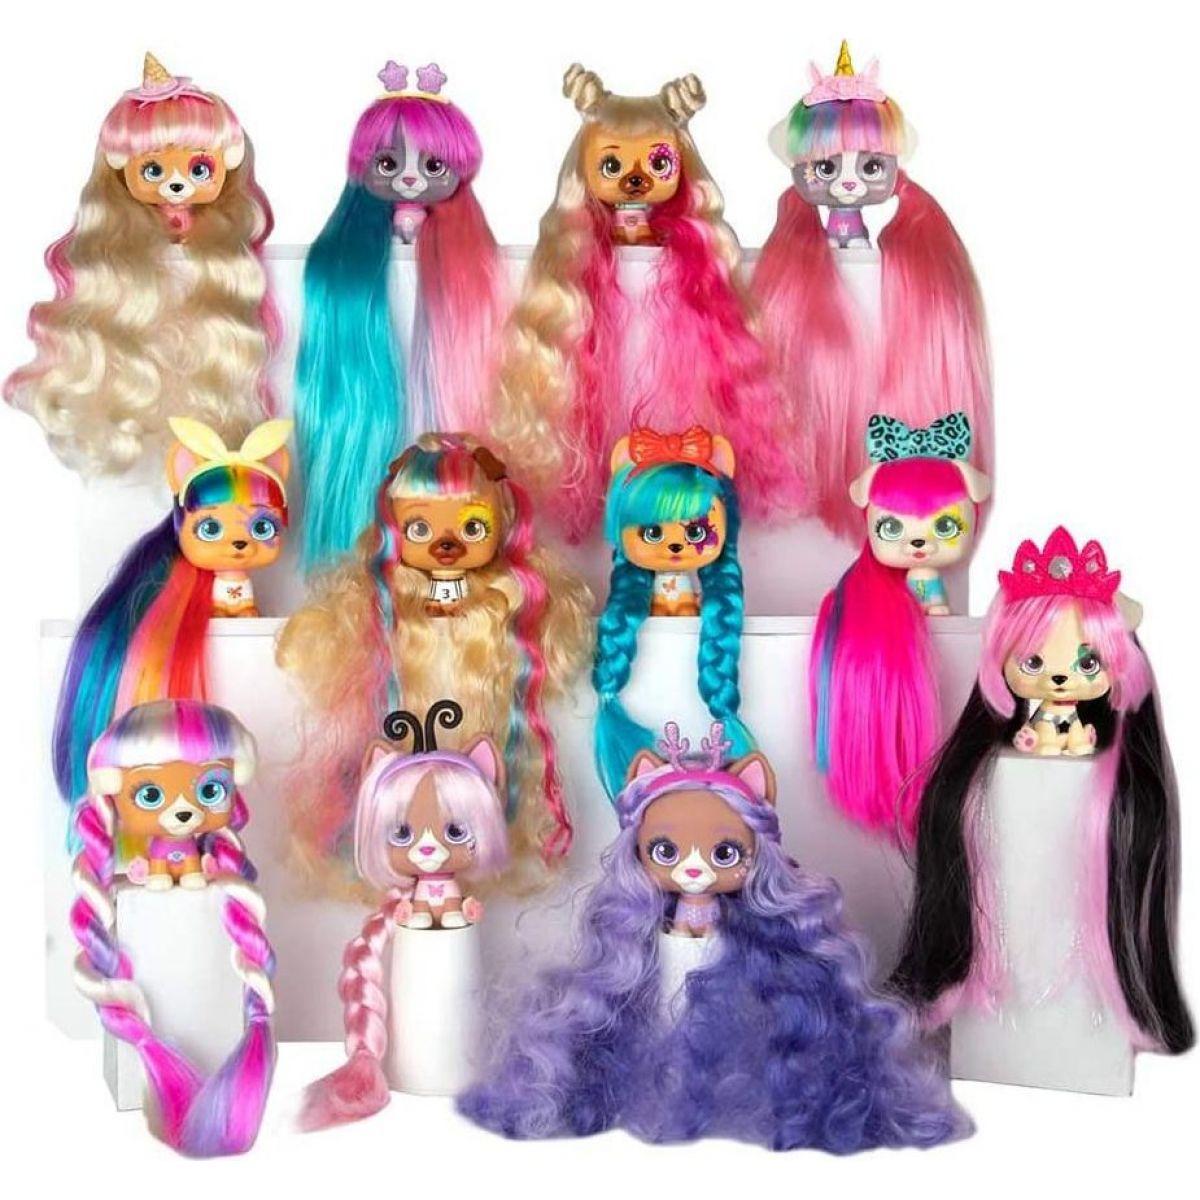 VIP Pets pejsek s doplňky a extra dlouhými vlasy